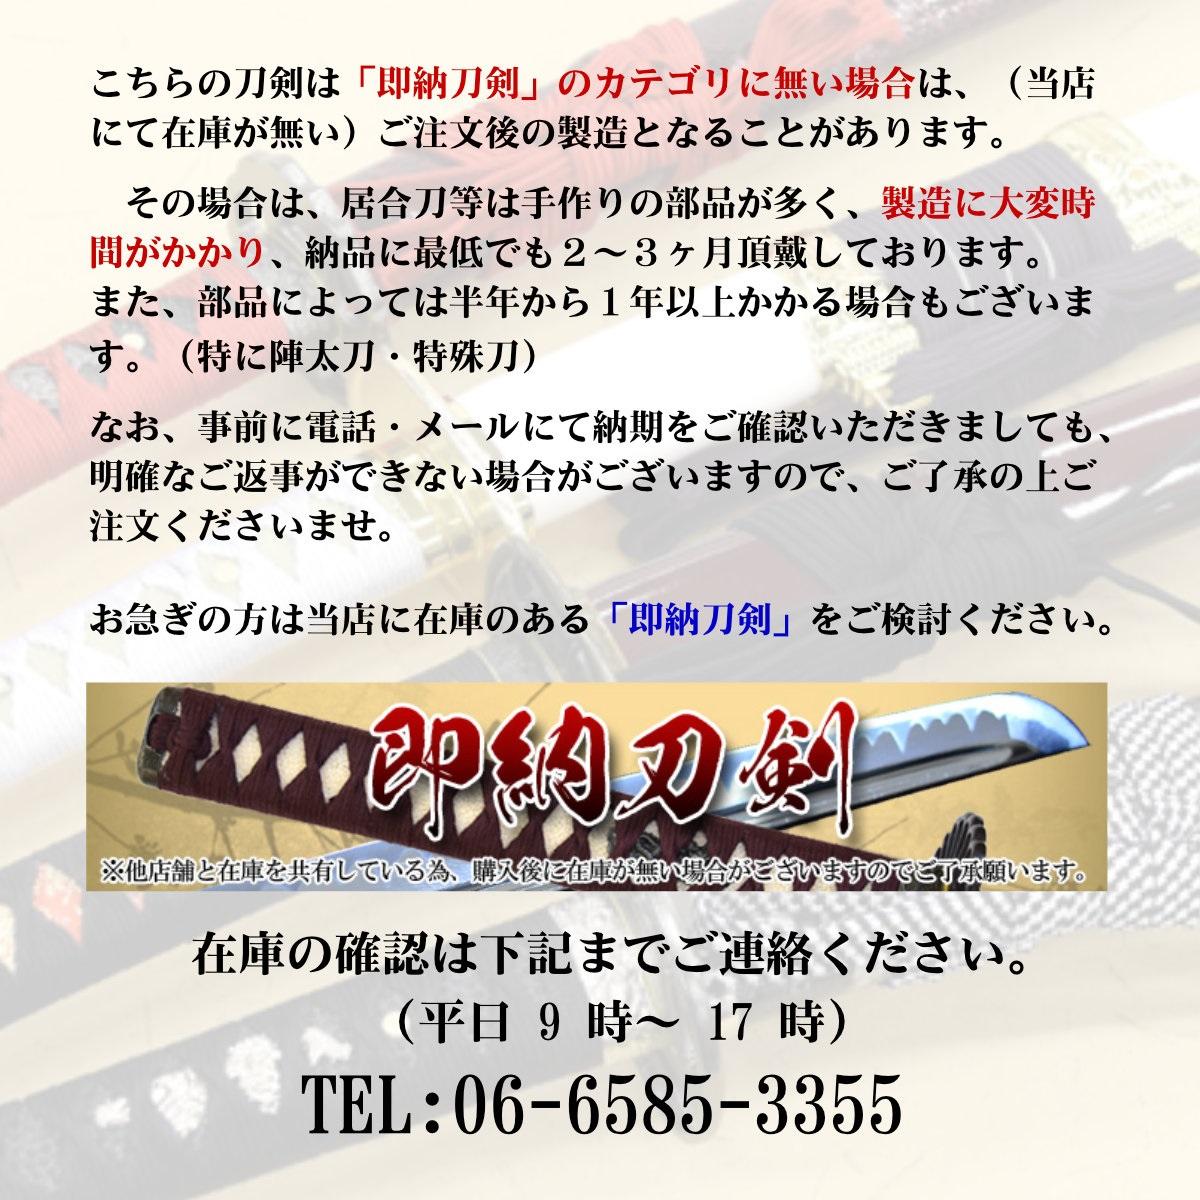 名刀伝 「にっかり青江」 大脇差 -最高級仕様拵え- (刀袋付き) 数量限定即納品!